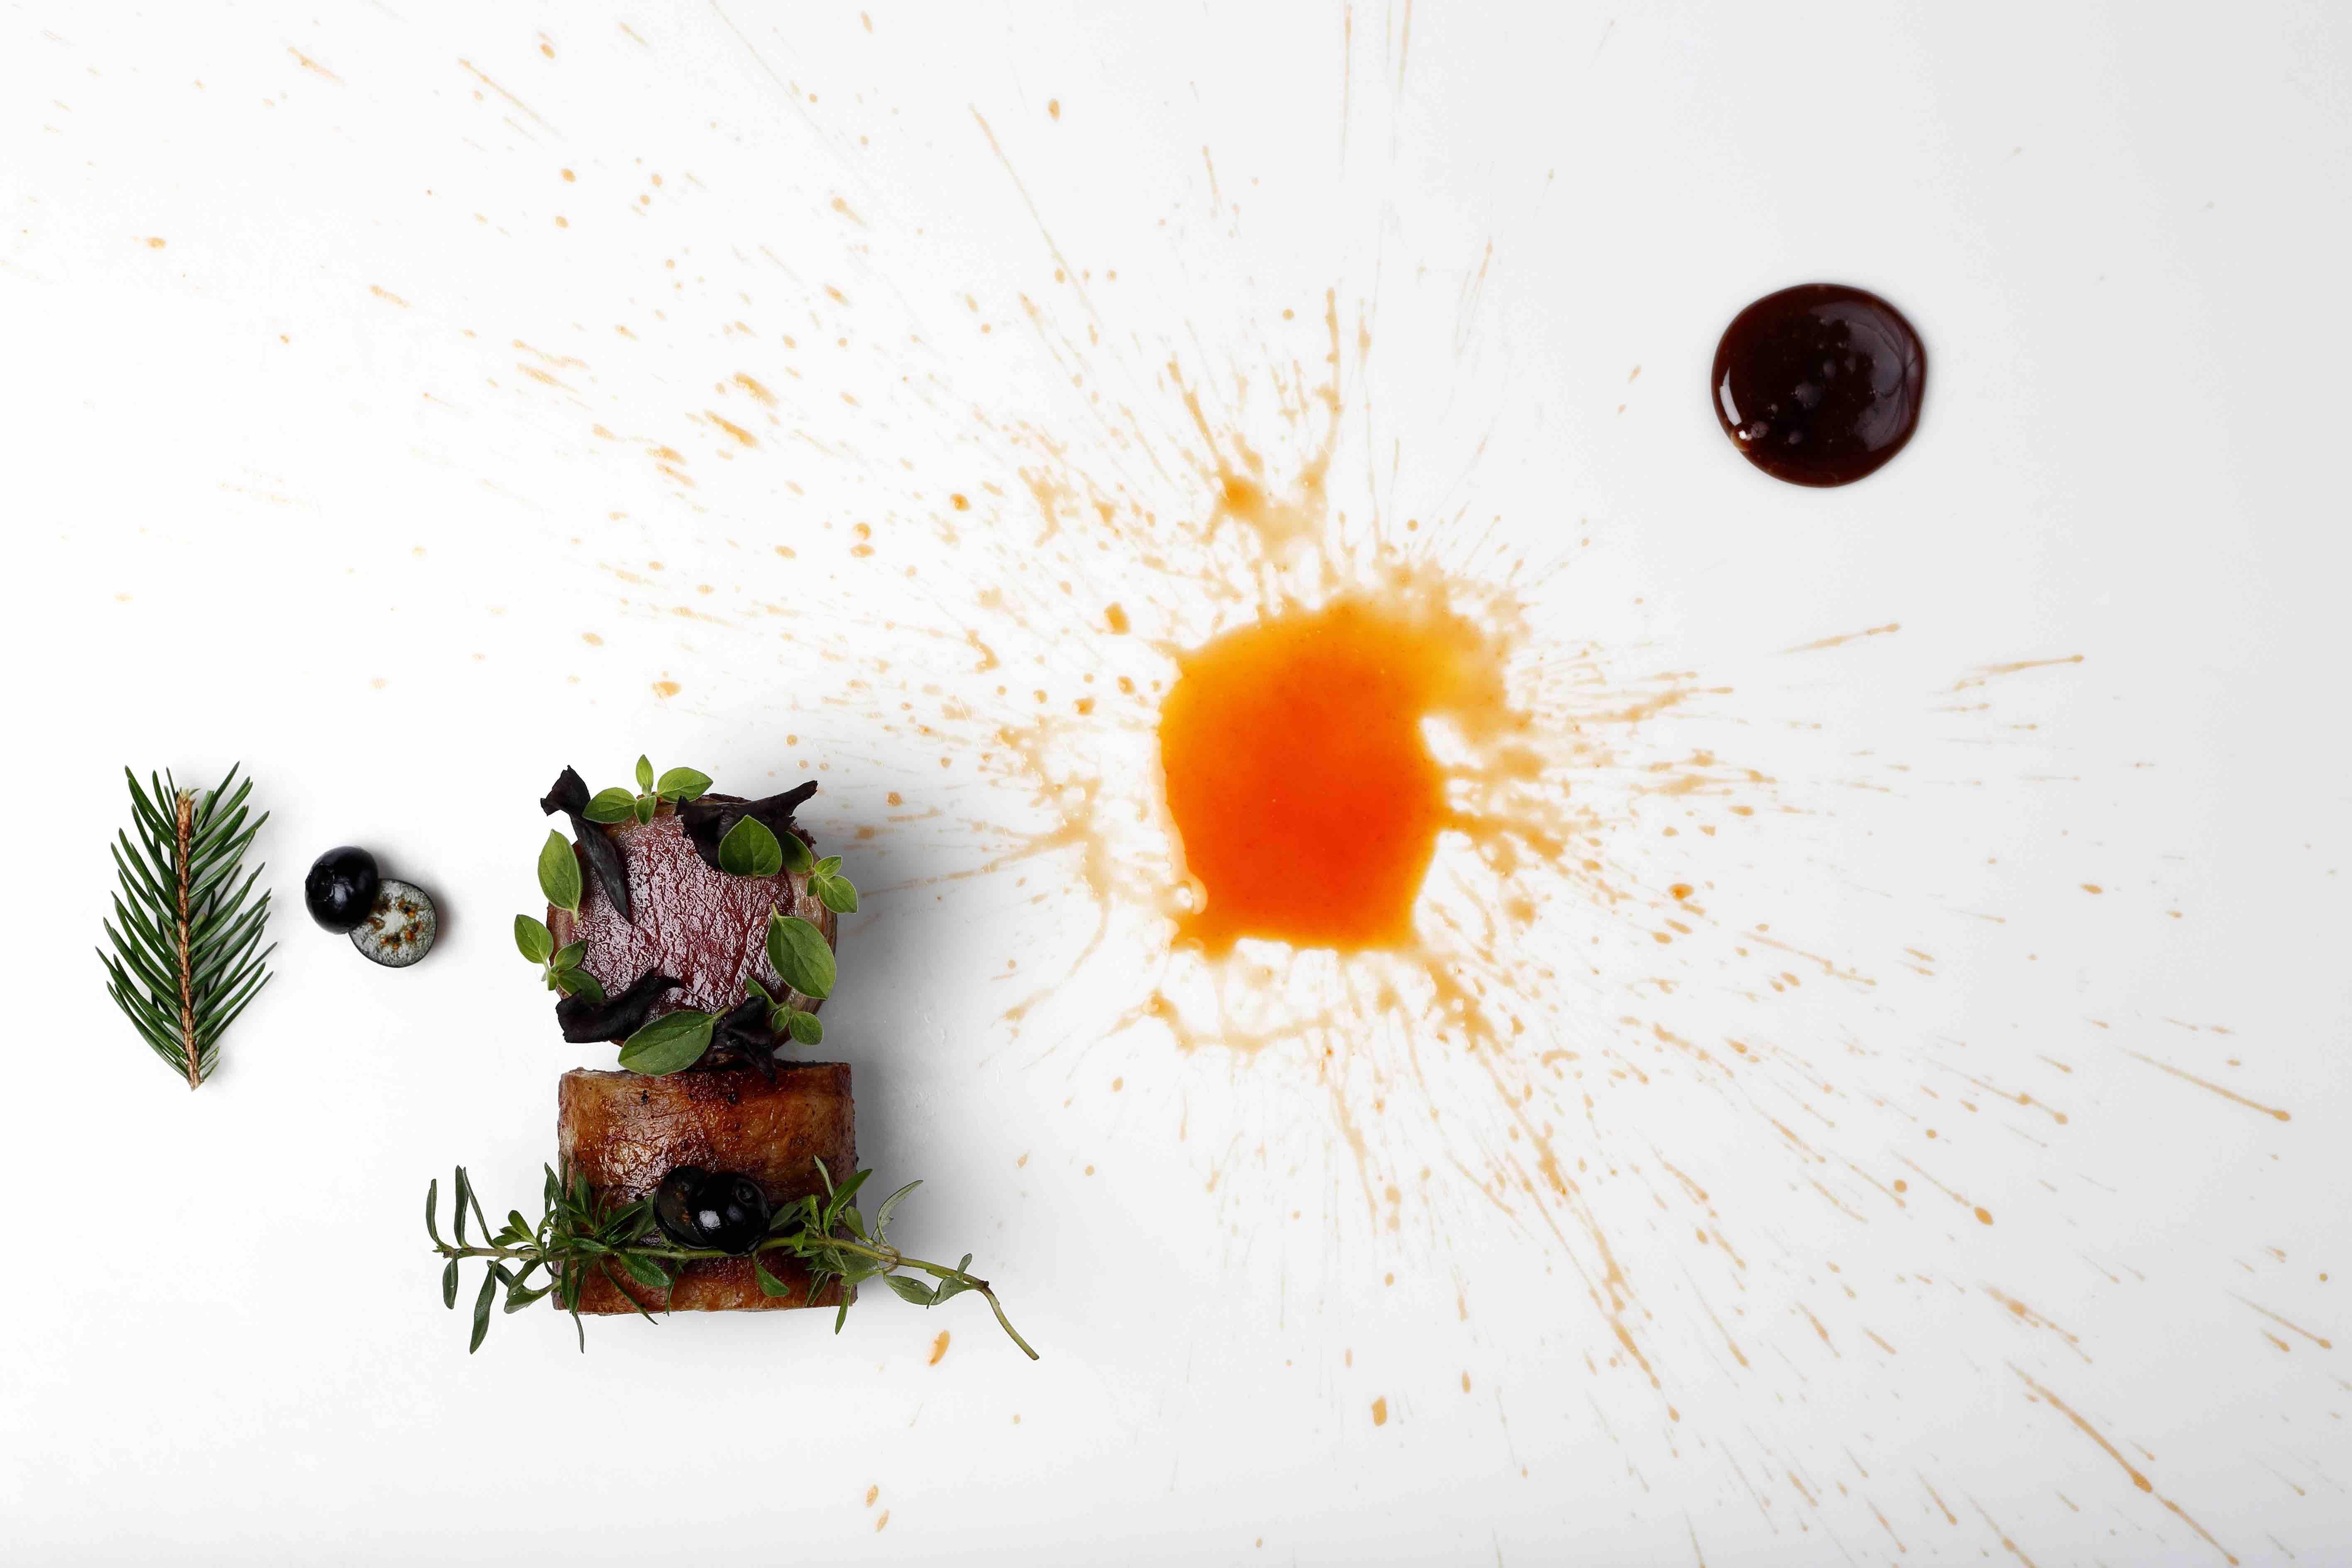 Mandello a villa lario arriva lo chef stellato del jet set internazionale lario news - Osteria con cucina francesco angelini ...